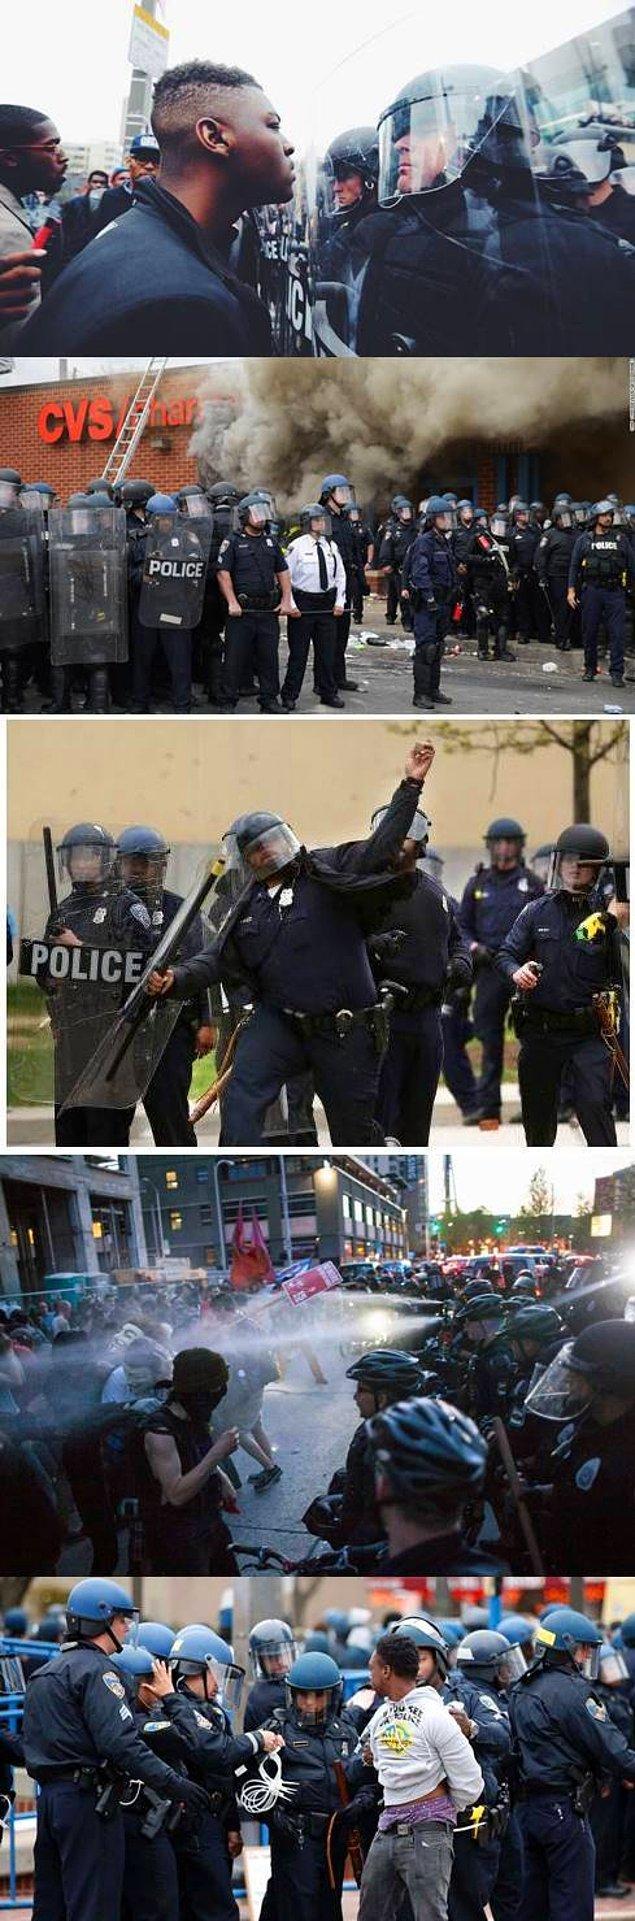 Polis müdahalelerinden kesitler. 6 polis açığa alındı